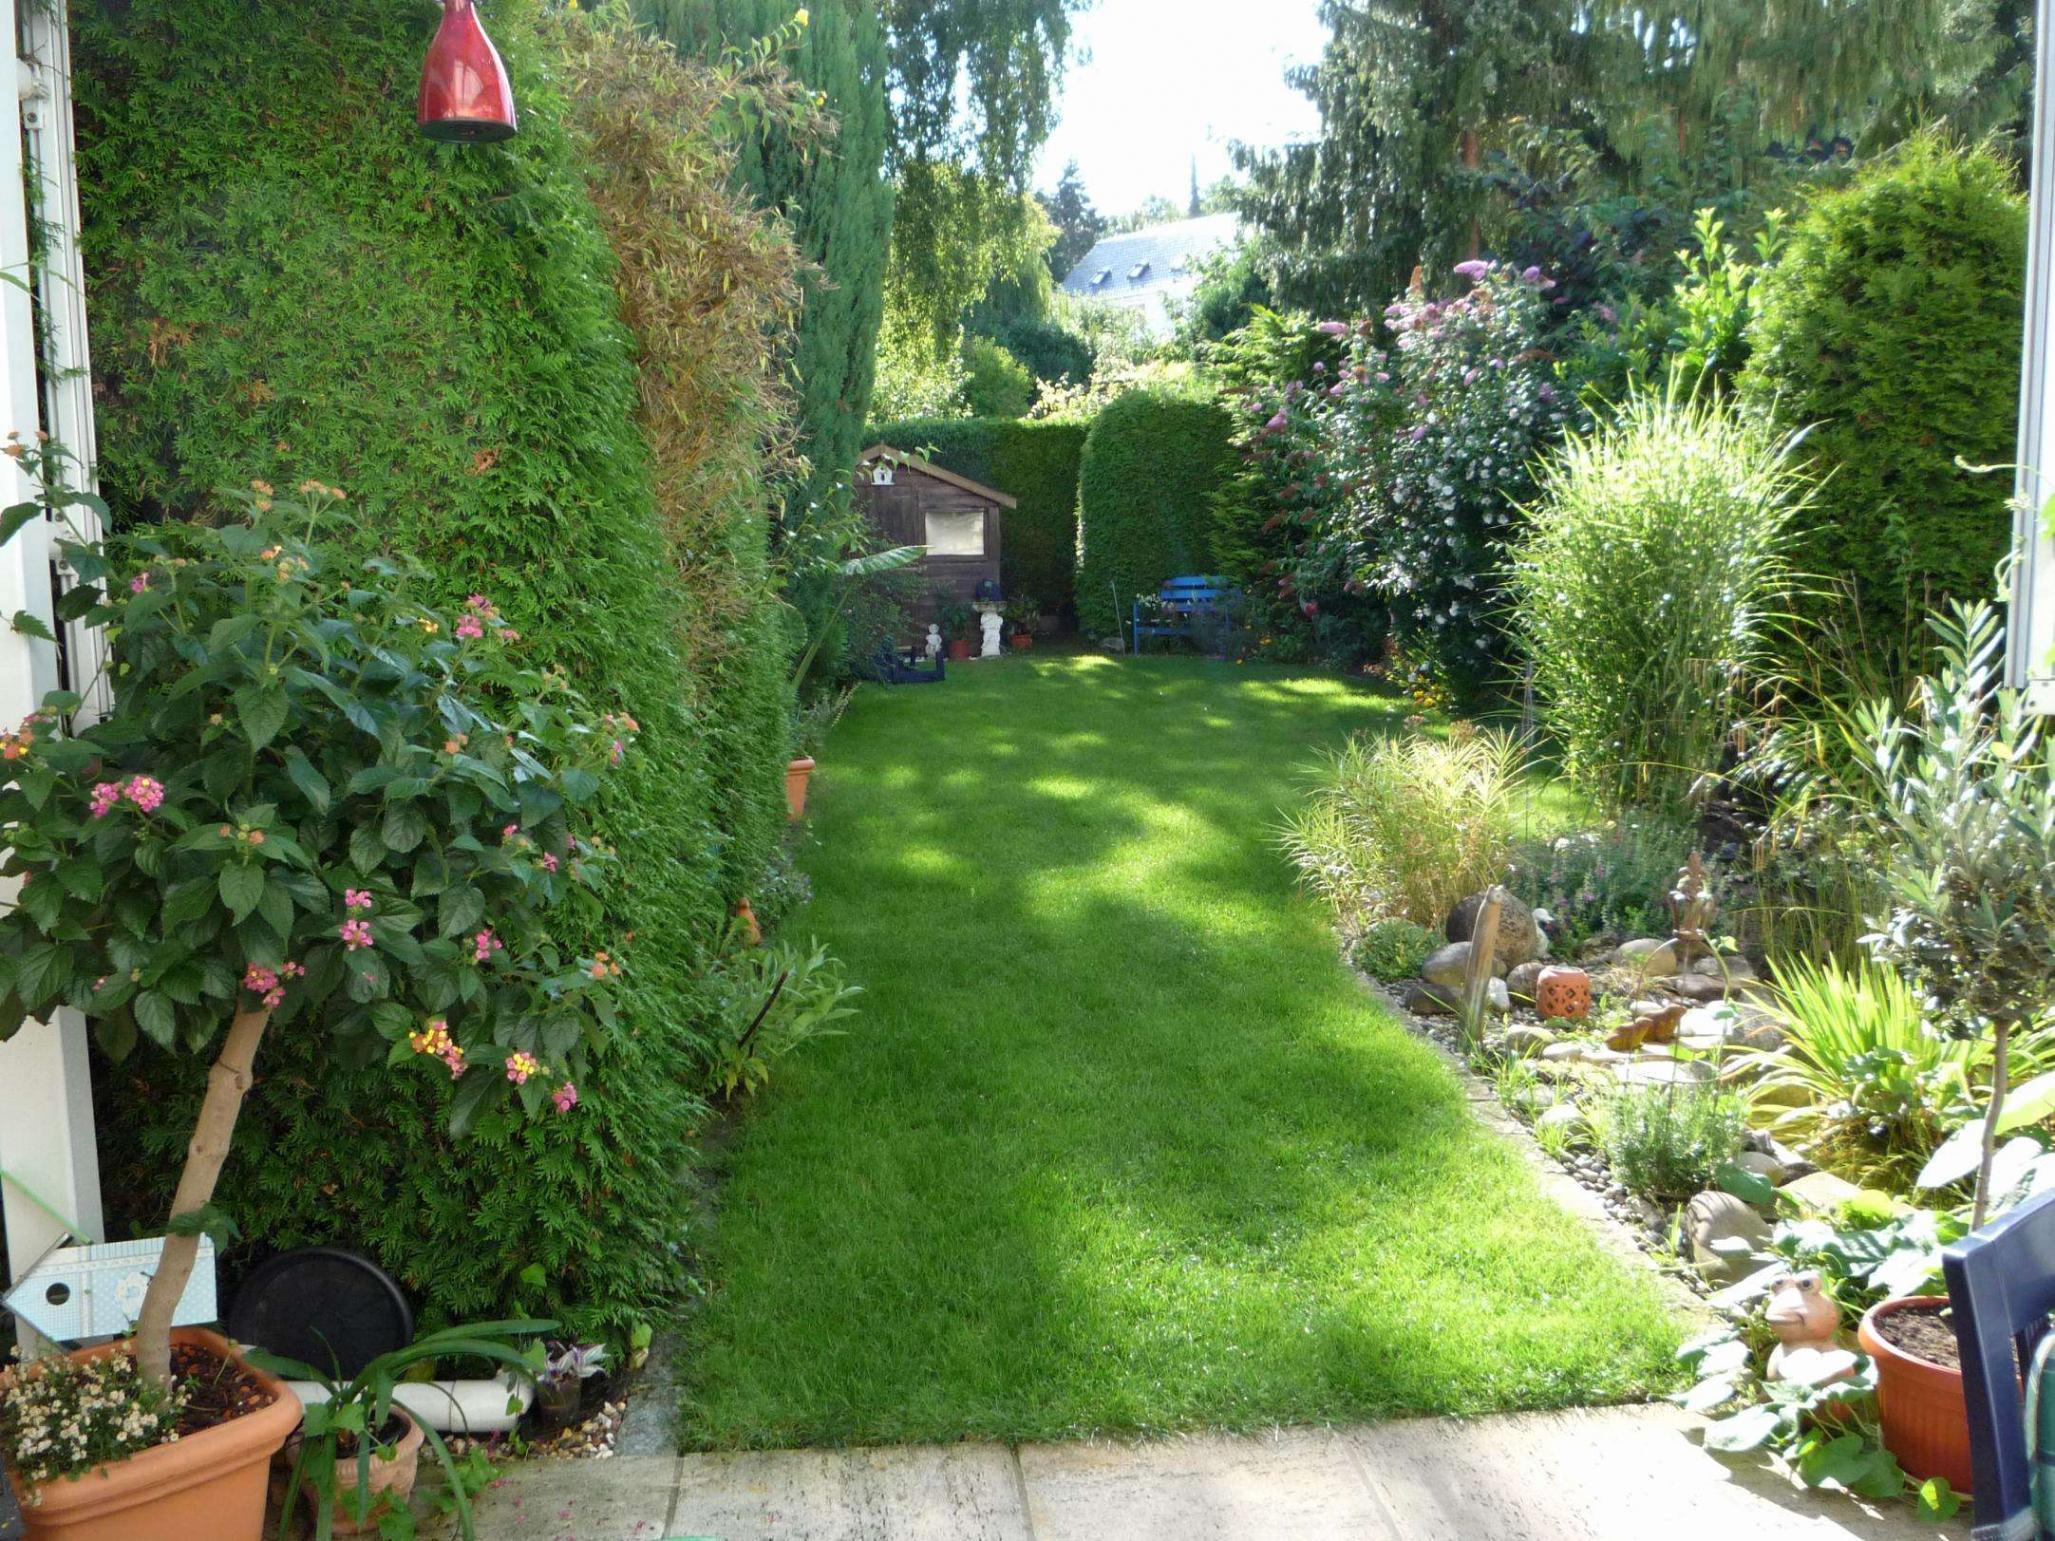 Gartengestaltung Pflanzen Luxus Pflanzen Garten Sichtschutz — Temobardz Home Blog